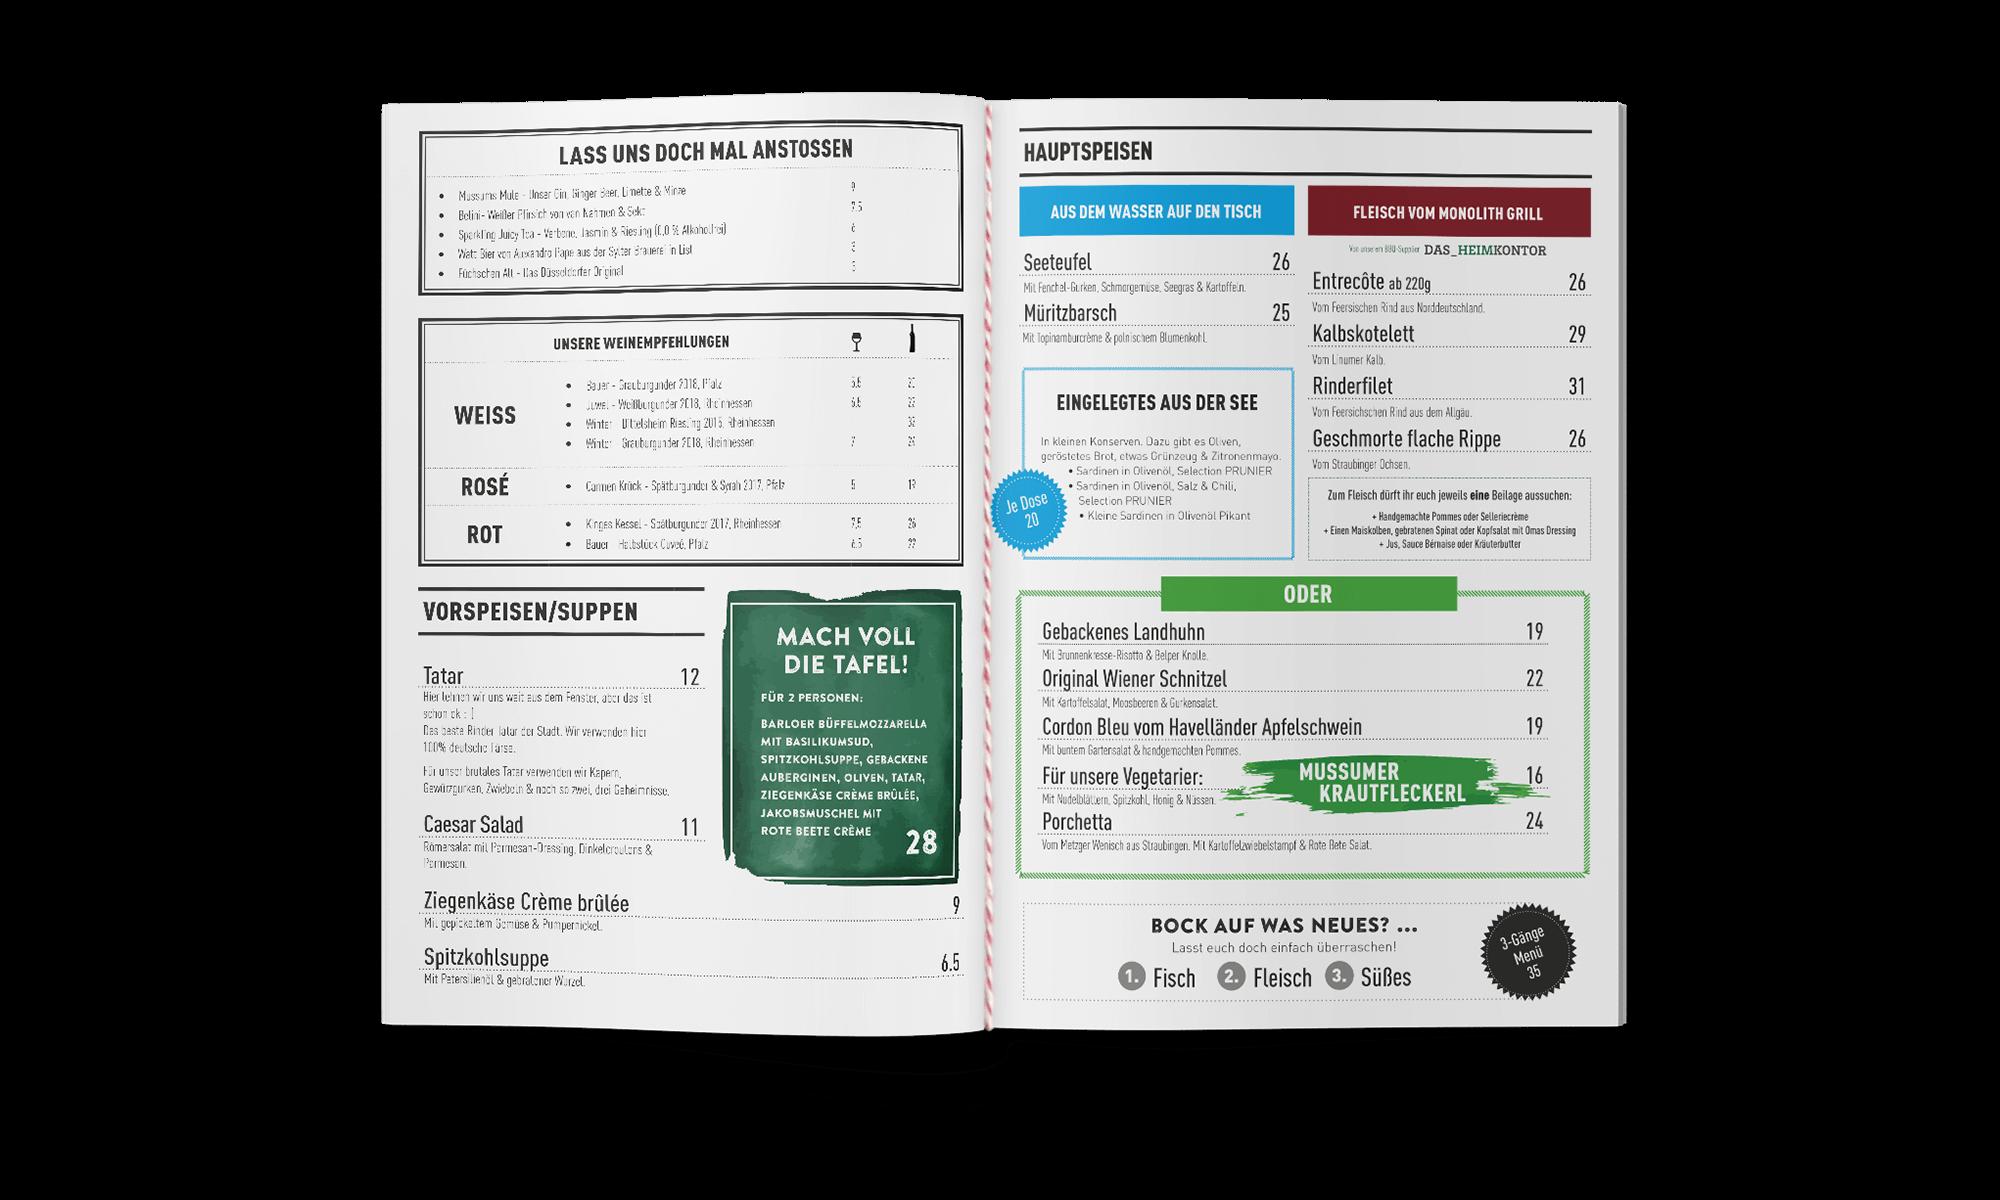 Schau und Horch Speisekarte MussumerKrug 2 - Branding